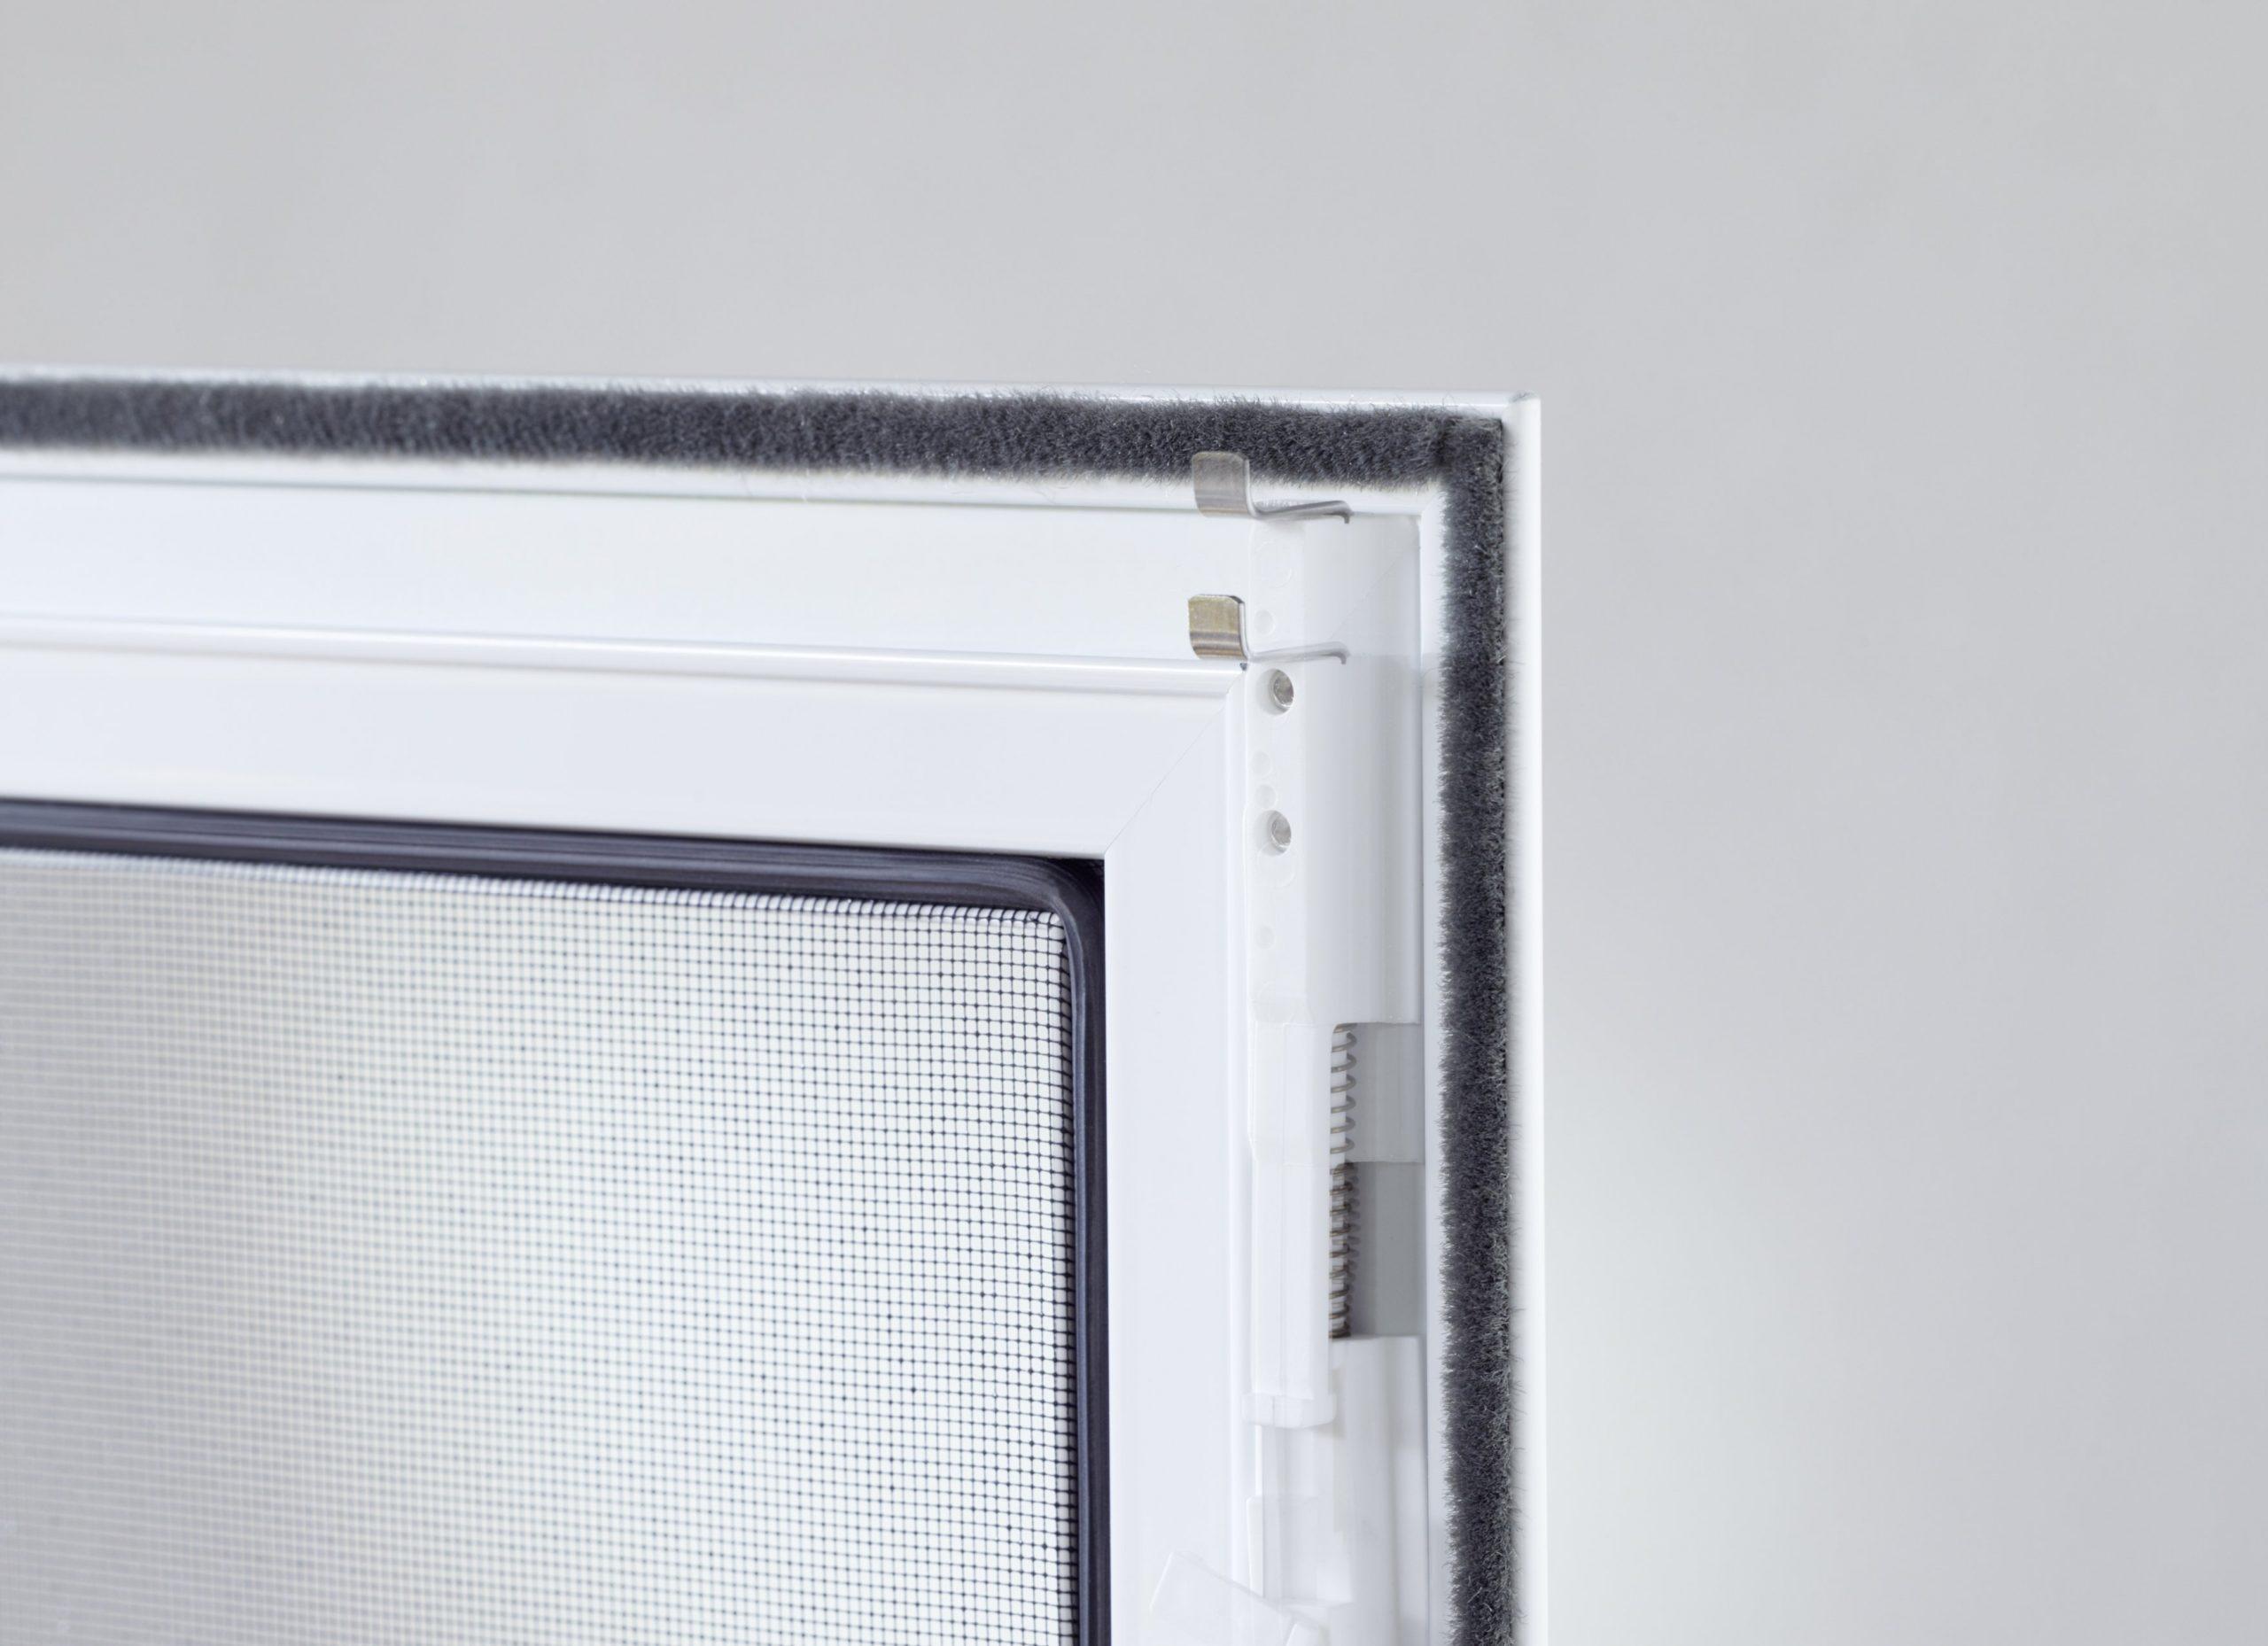 Full Size of Insektenschutz Fenster Ohne Bohren Fliegengitter Mit Rahmen Und Transpatec Gewebe Bestellen Sprossen Sichtschutzfolie Pvc Austauschen Kosten Rahmenlose Fenster Insektenschutz Fenster Ohne Bohren